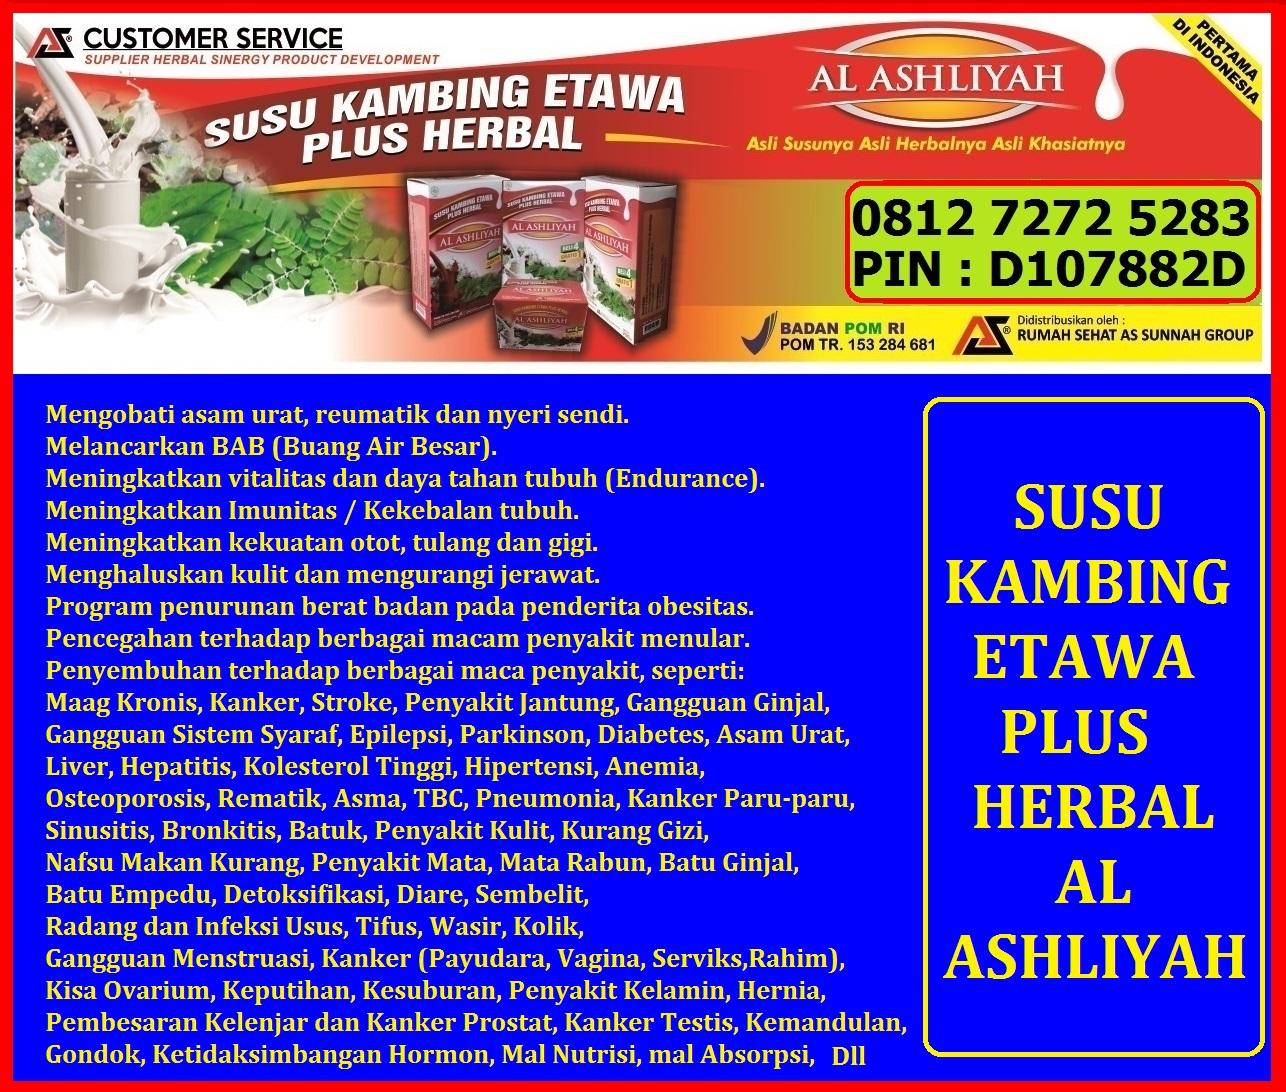 http://susukambingetawaalashliyah.blogspot.co.id/2015/12/susu-kambing-etawa-plus-herbal-al-ashliyah.html